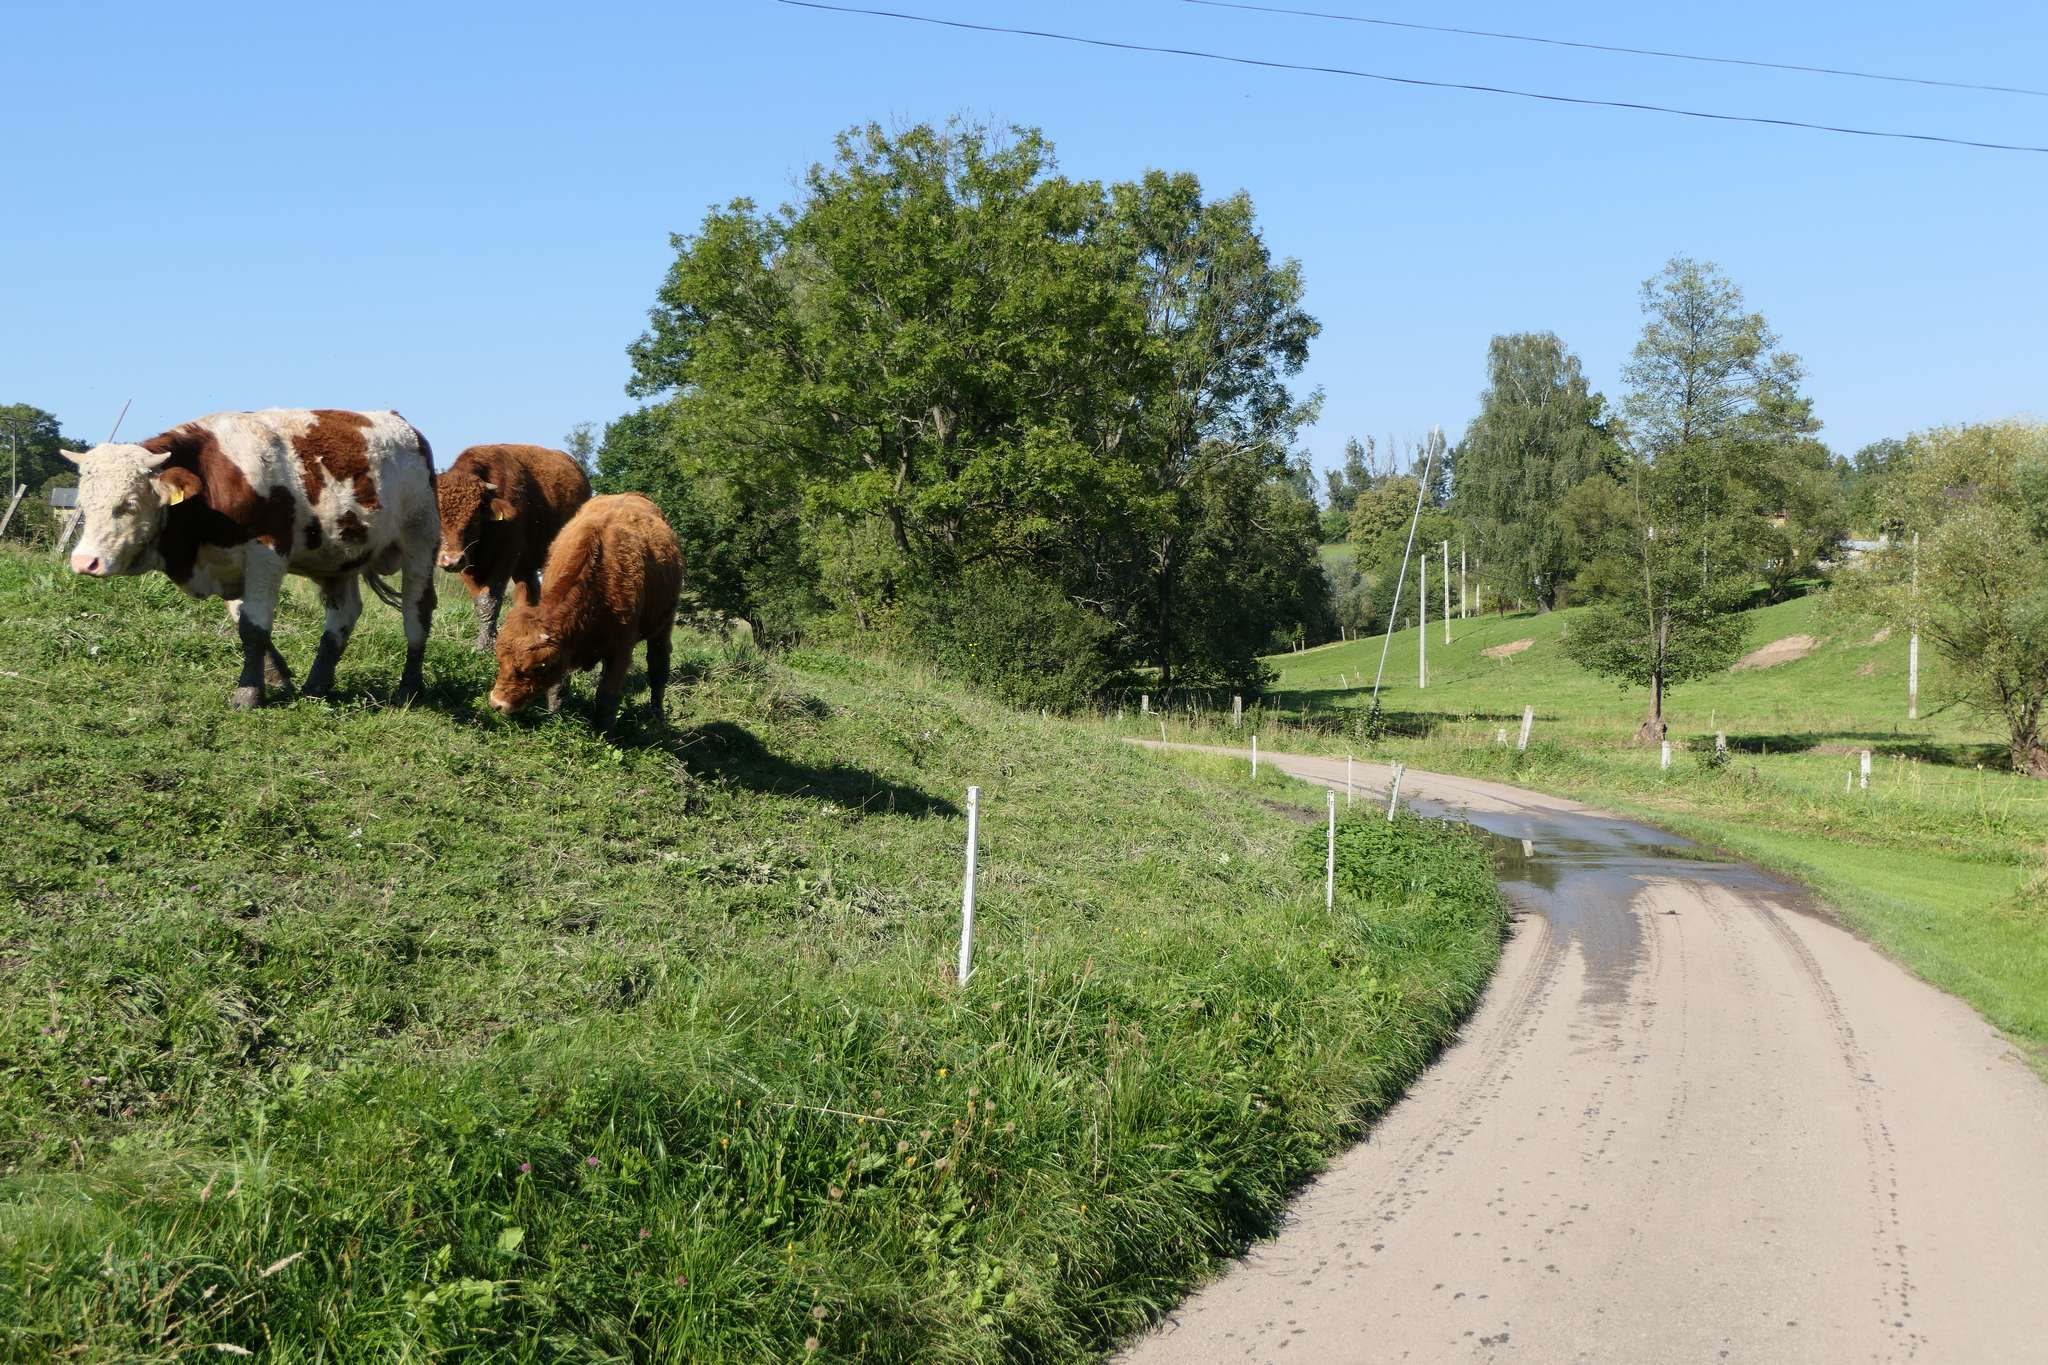 Okolica wciąż zachowała swój pierwotny, rolniczy charakter.